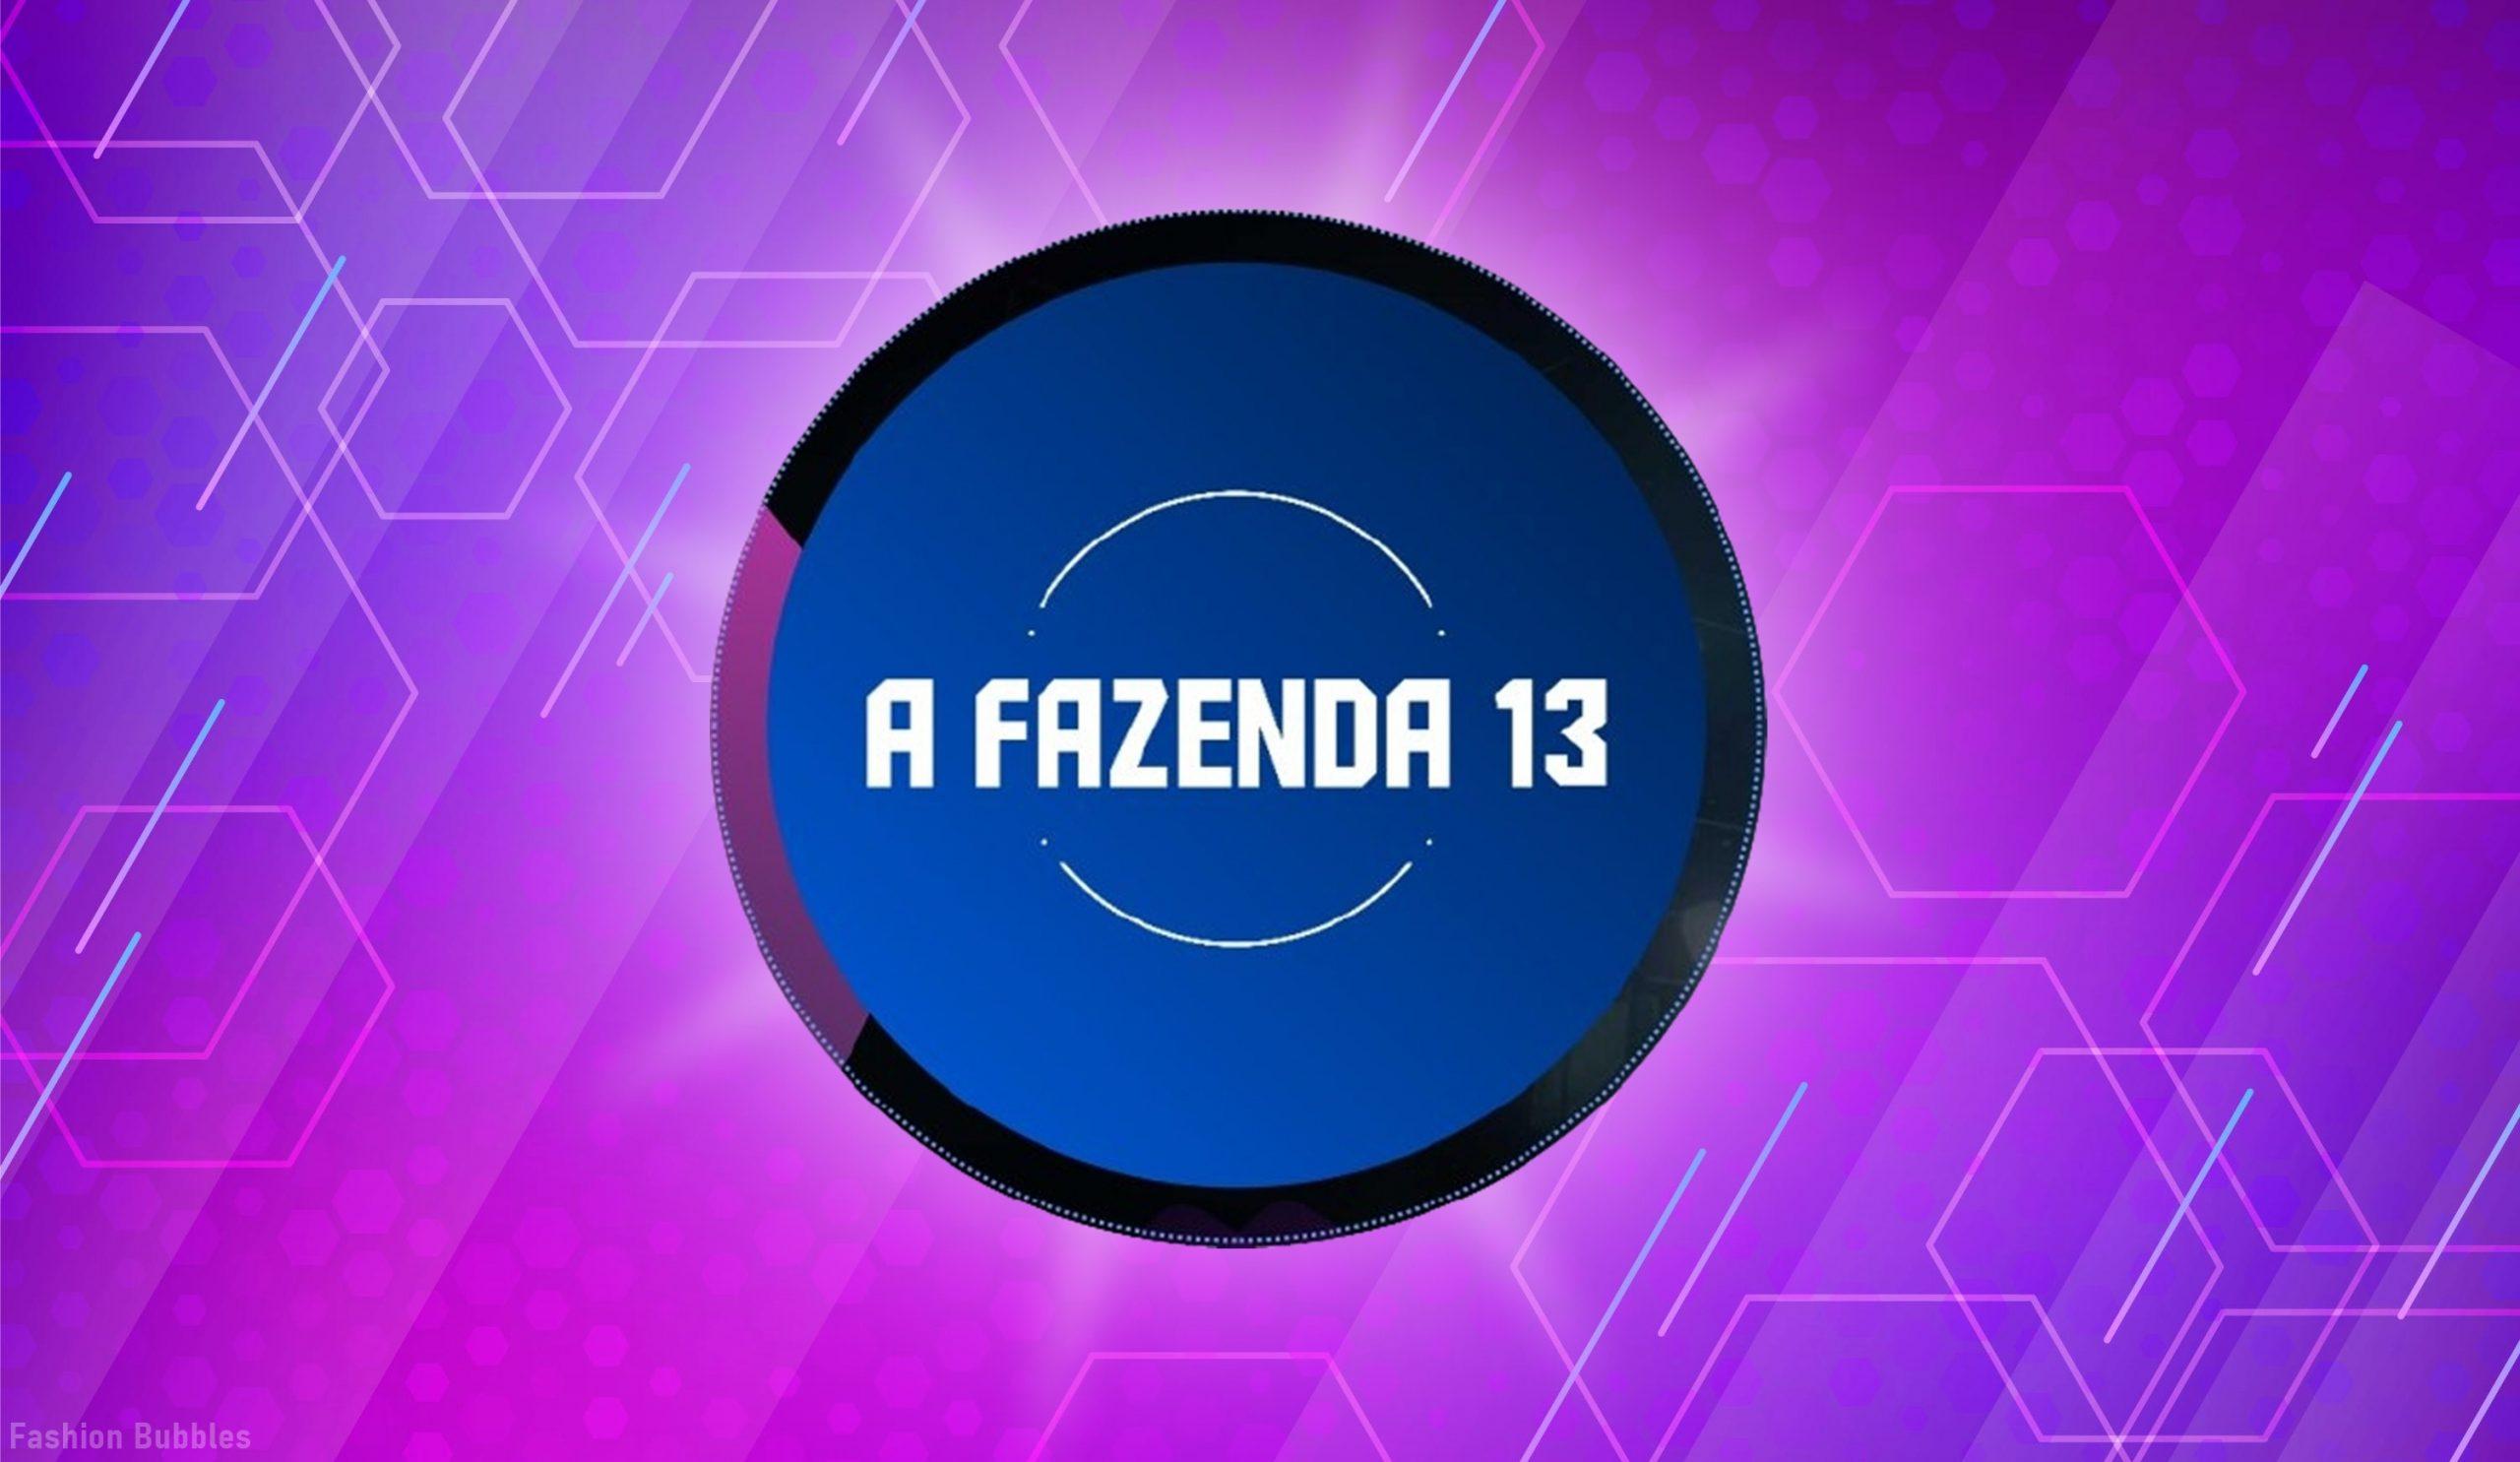 Foto da logo de A Fazenda 13.